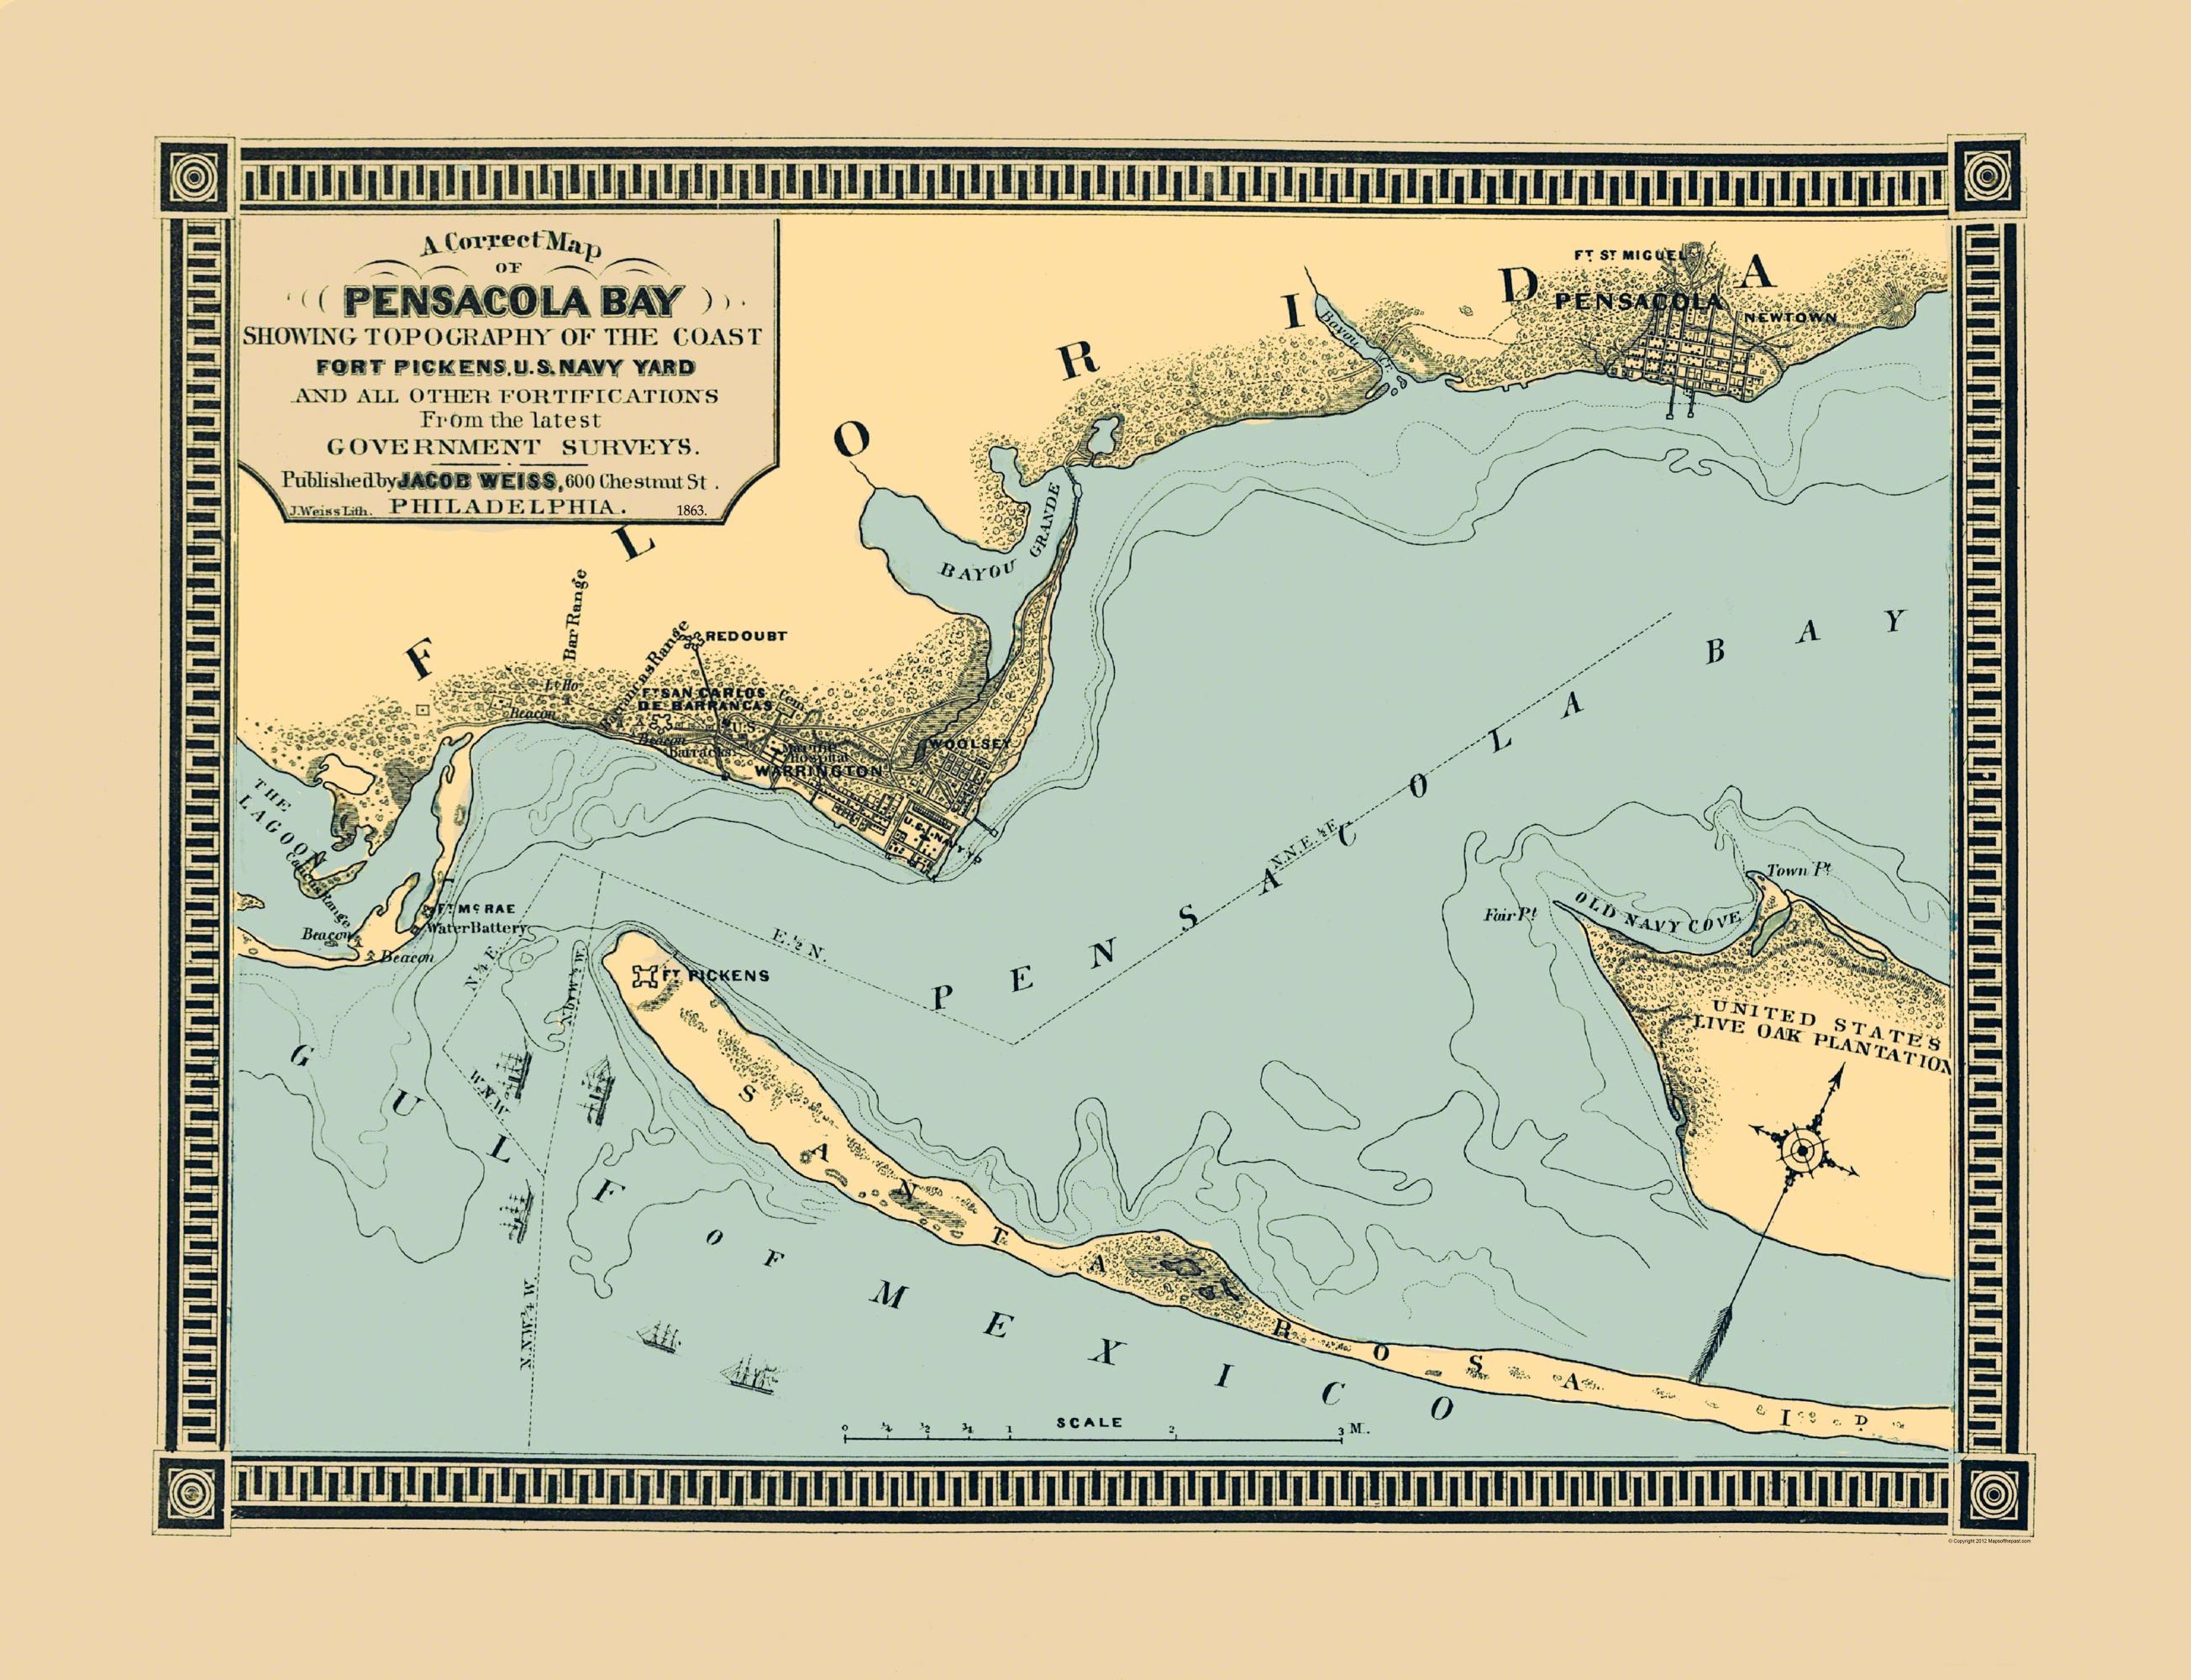 Old City Map Pensacola Bay Florida 1863